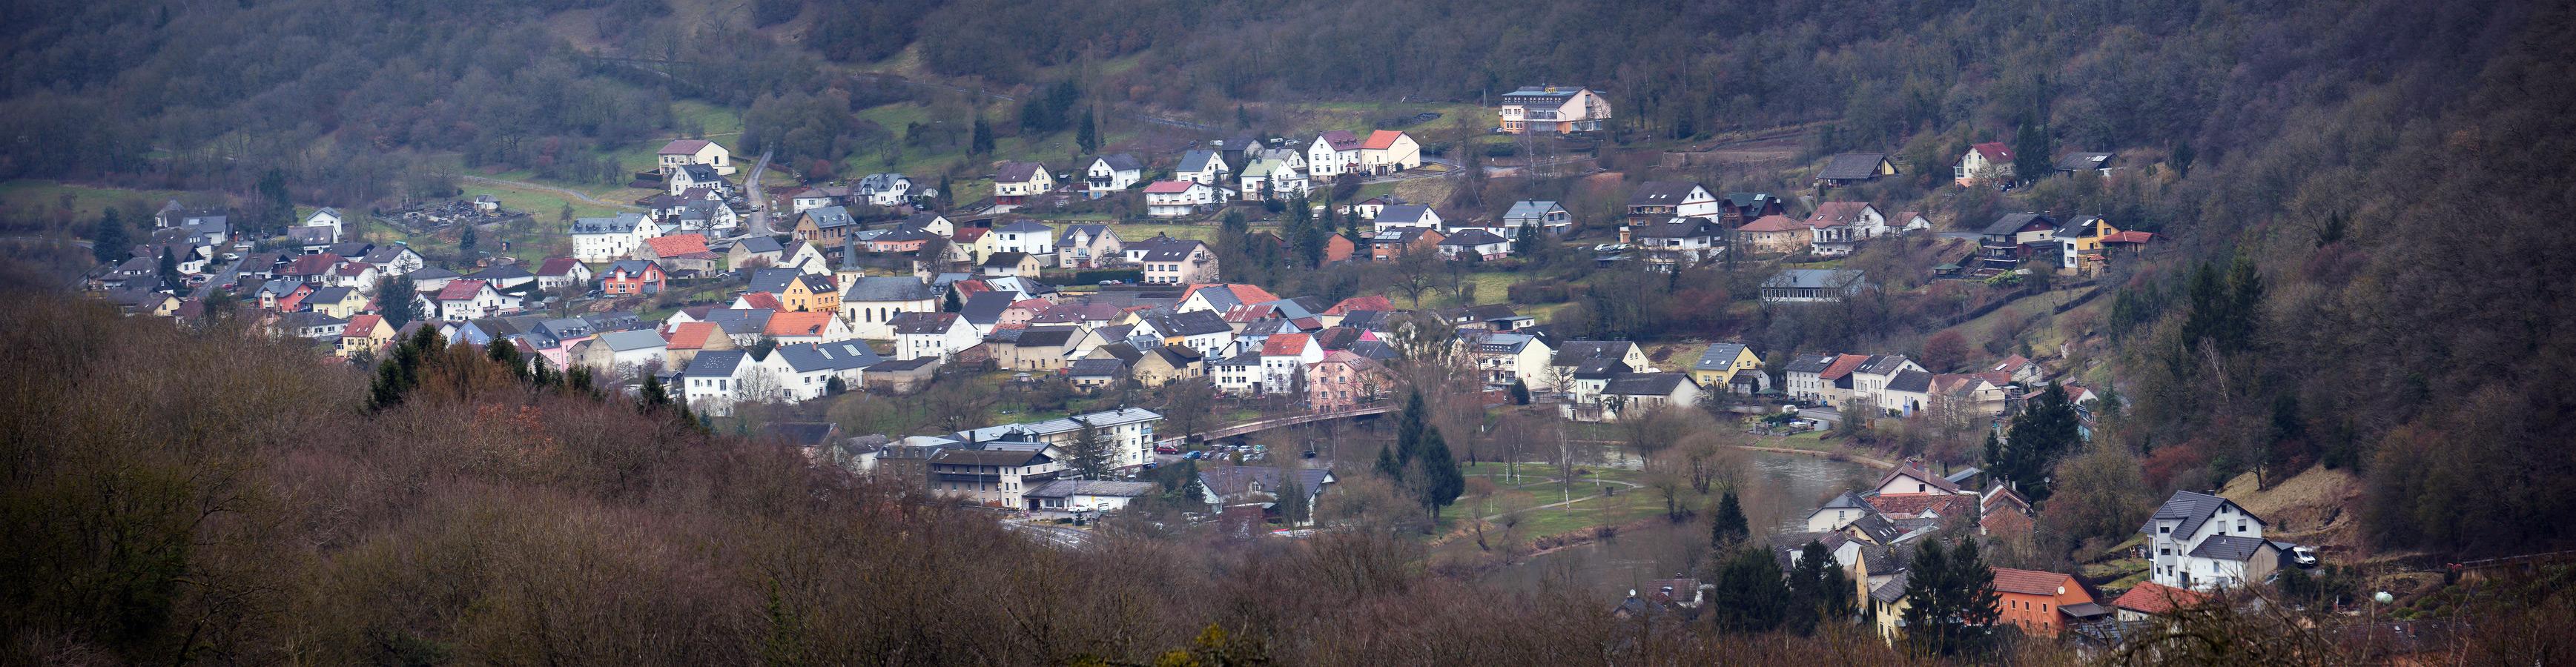 Ein Panoramabild von der Luxemburger Seite (Bigelbach) aufgenommen. Foto W.Valentin ( März 2018 )